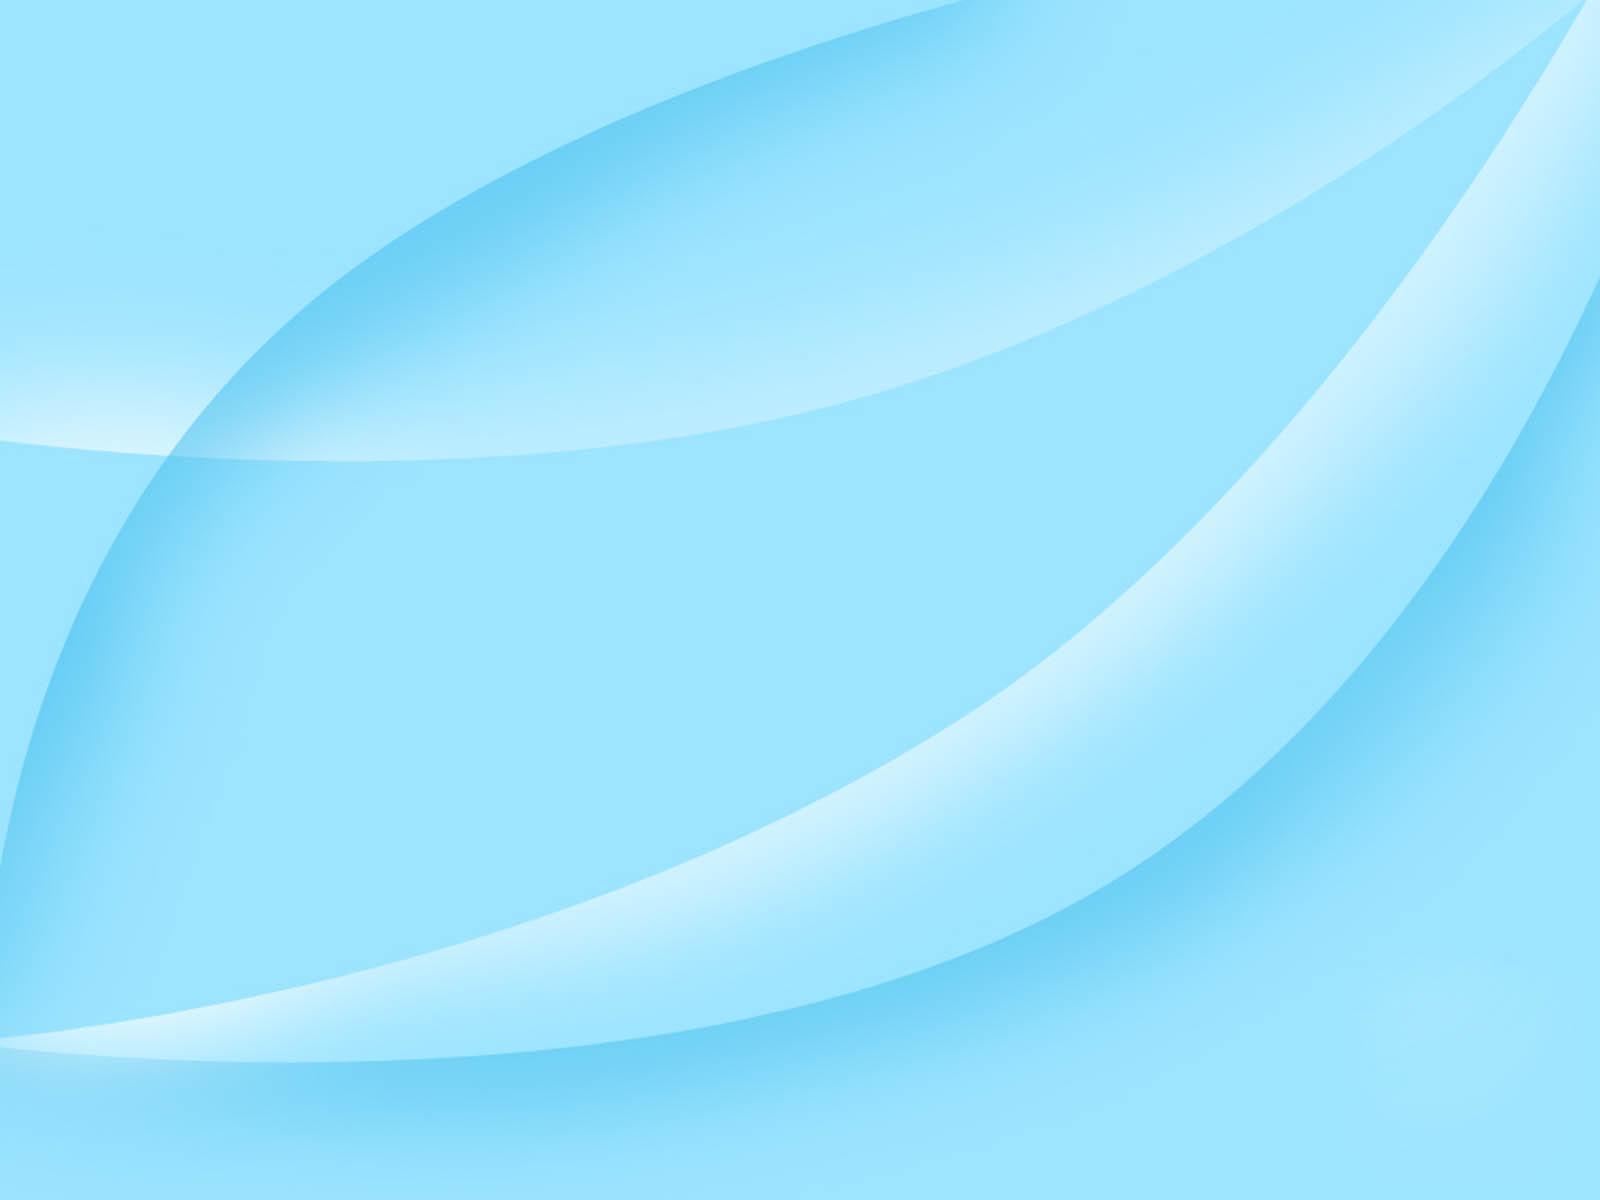 wallpapers Aqua Blue Wallpapers 1600x1200